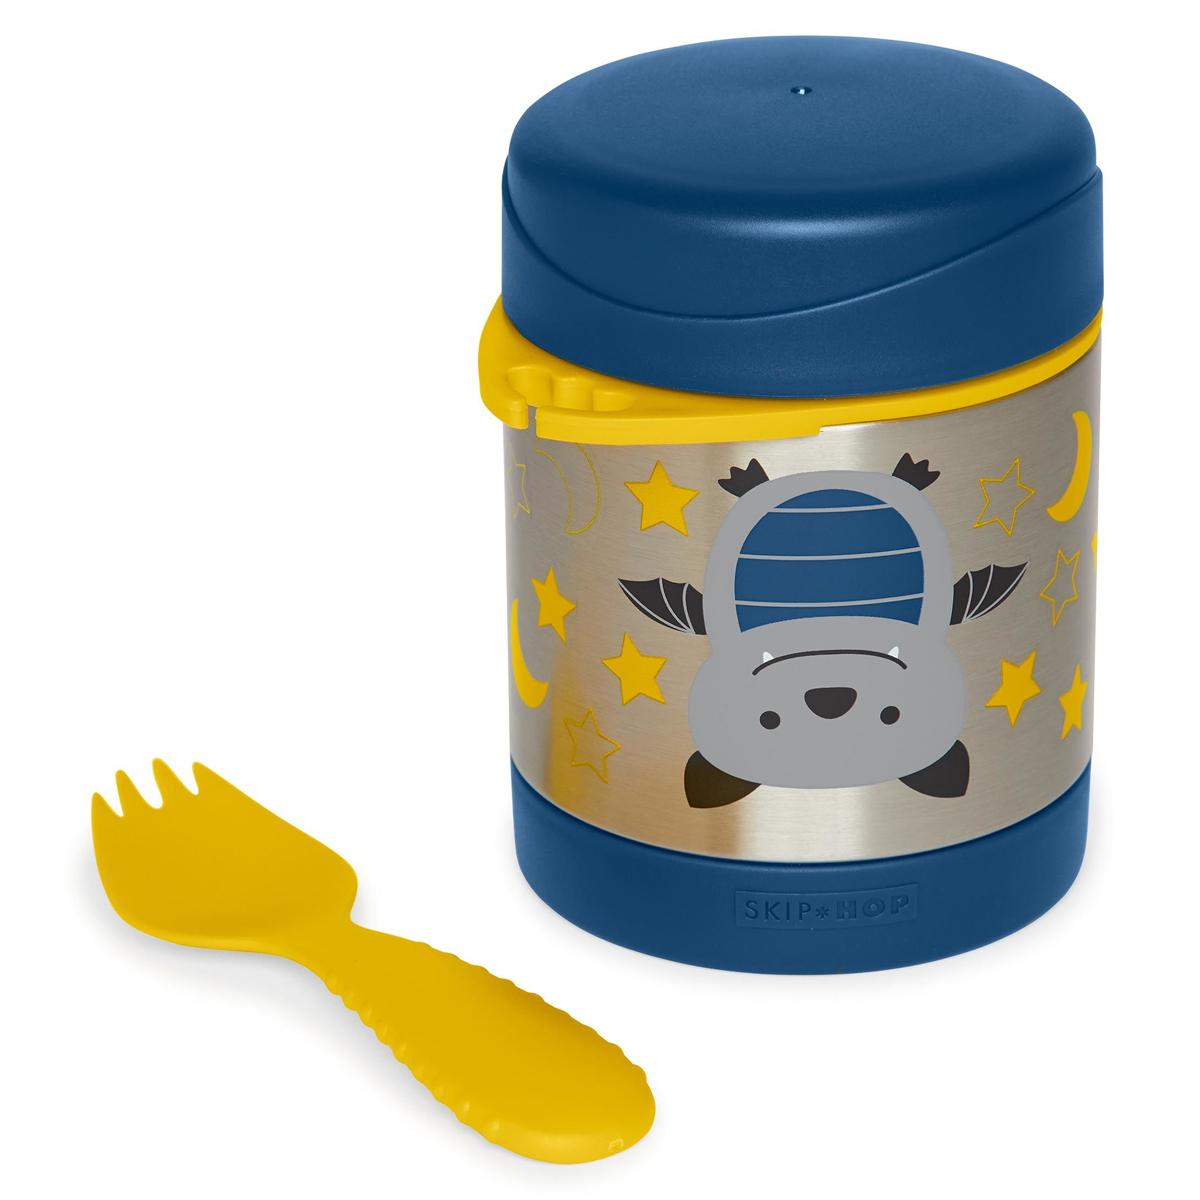 Vaisselle & Couvert Thermos Repas et Fourchette Zoo - Chauve-souris Thermos Repas et Fourchette Zoo - Chauve-souris